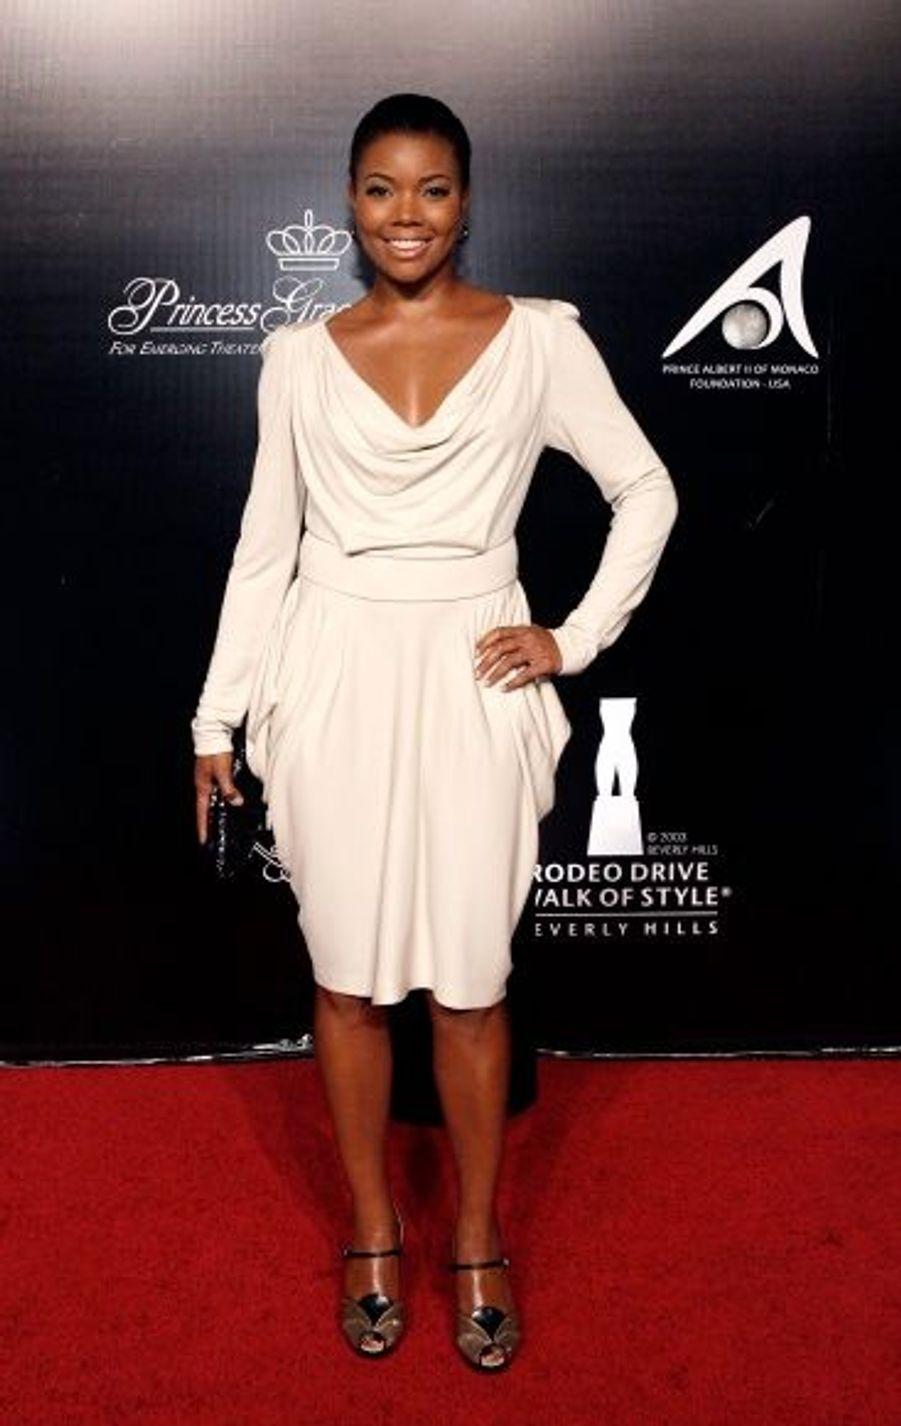 """Gabrielle Union, actrice notamment dans """"Bad Boys 2"""", était également conviée à cette soirée placée sous l'égide de l'élégance."""